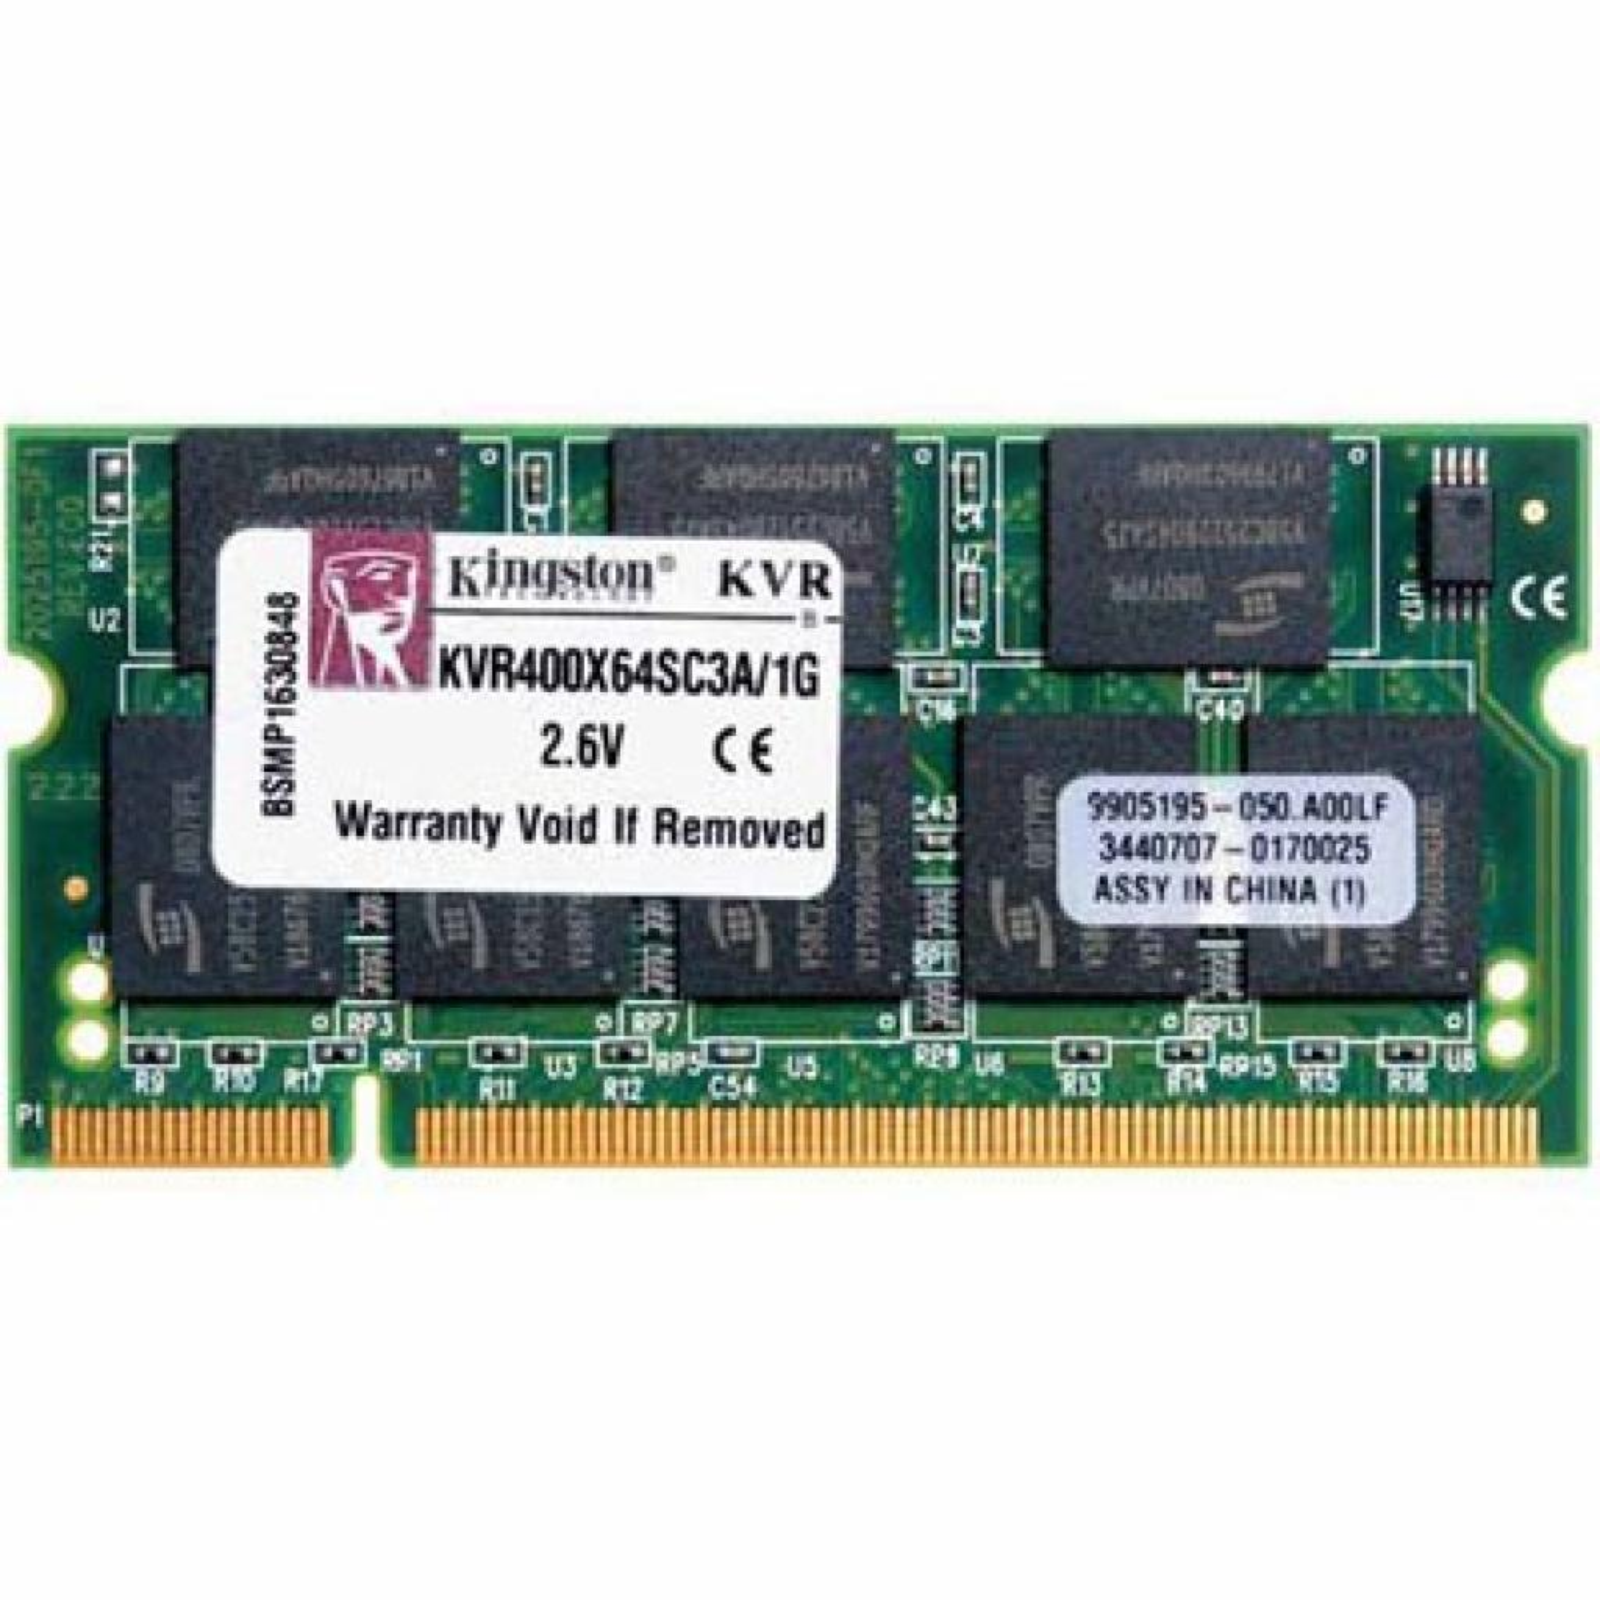 Модуль памяти для ноутбука SoDIMM DDR 1GB 400 MHz Kingston (KVR400X64SC3A/1G)